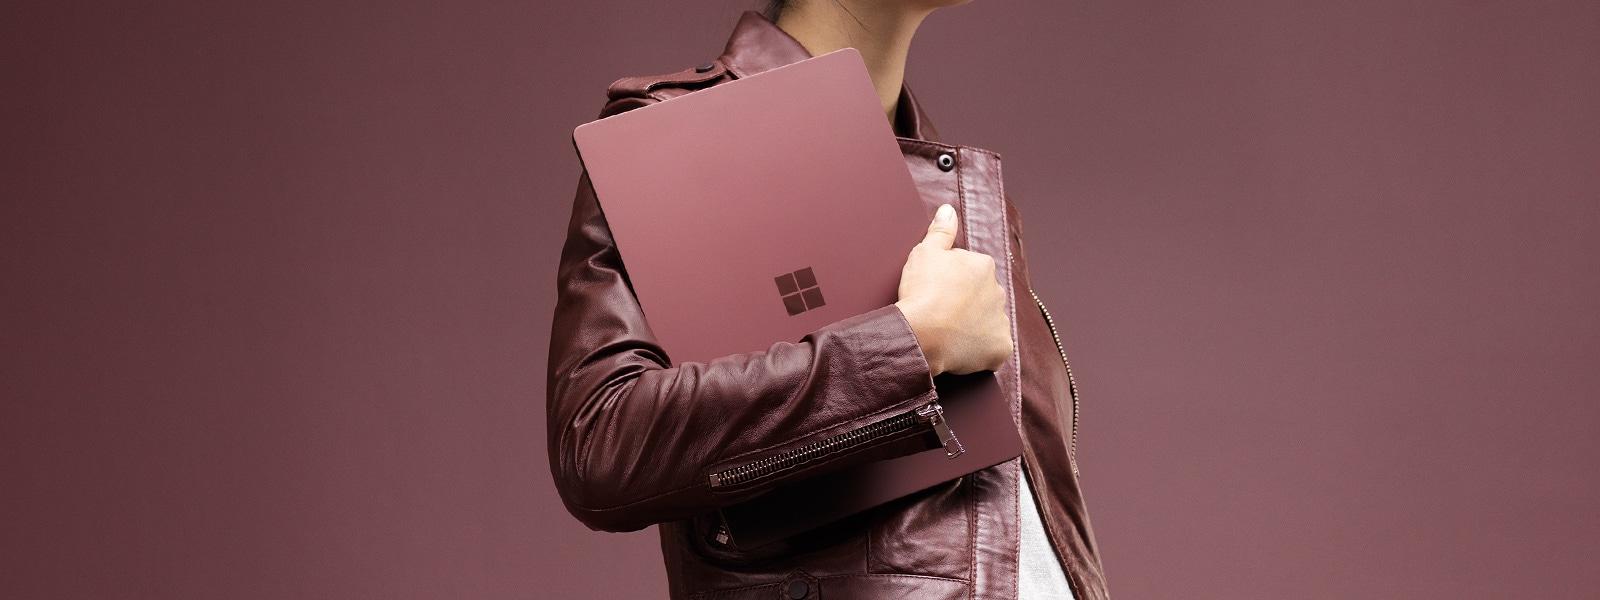 Une femme élégante qui tient un SurfaceLaptop de couleur bourgogne près de sa poitrine